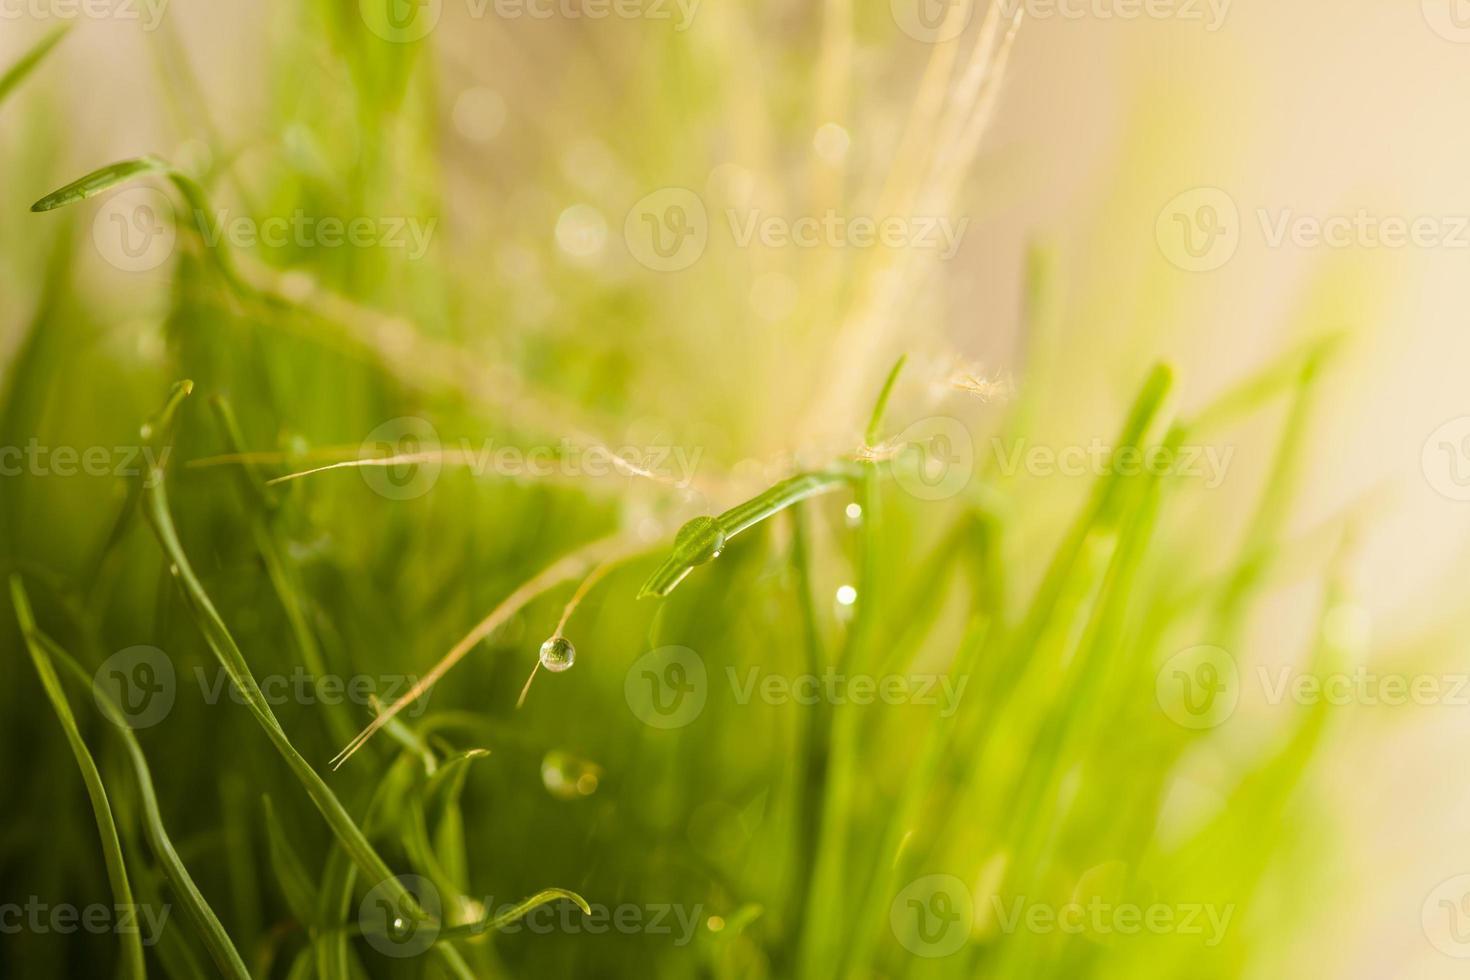 ljusa närbild lämnar gräs med dagg foto